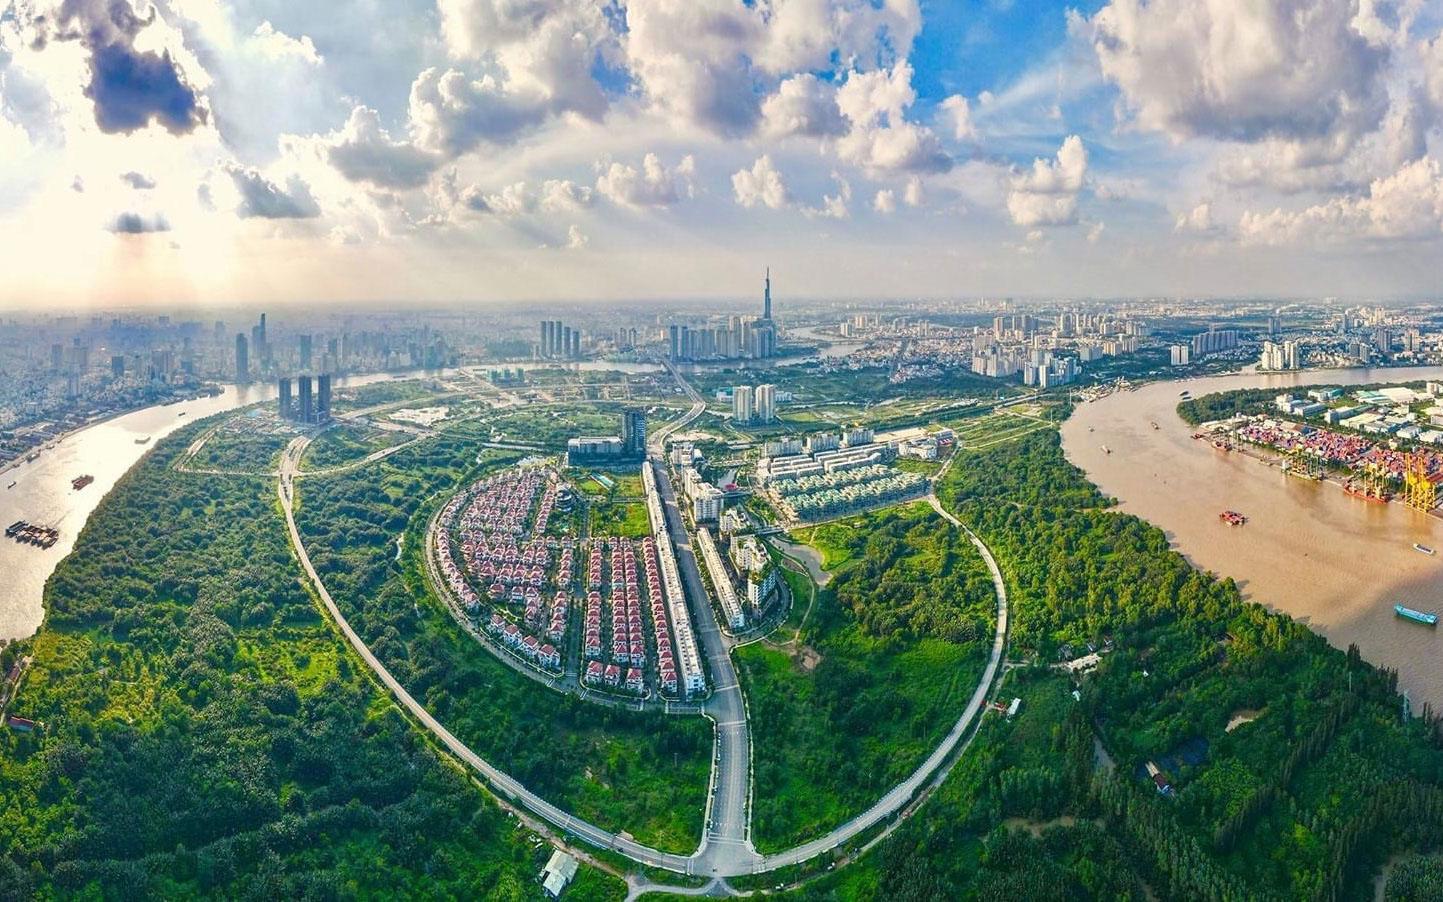 Cơ hội mở rộng kinh doanh với sự thành lập của thành phố Thủ Đức và các khu vực lân cận